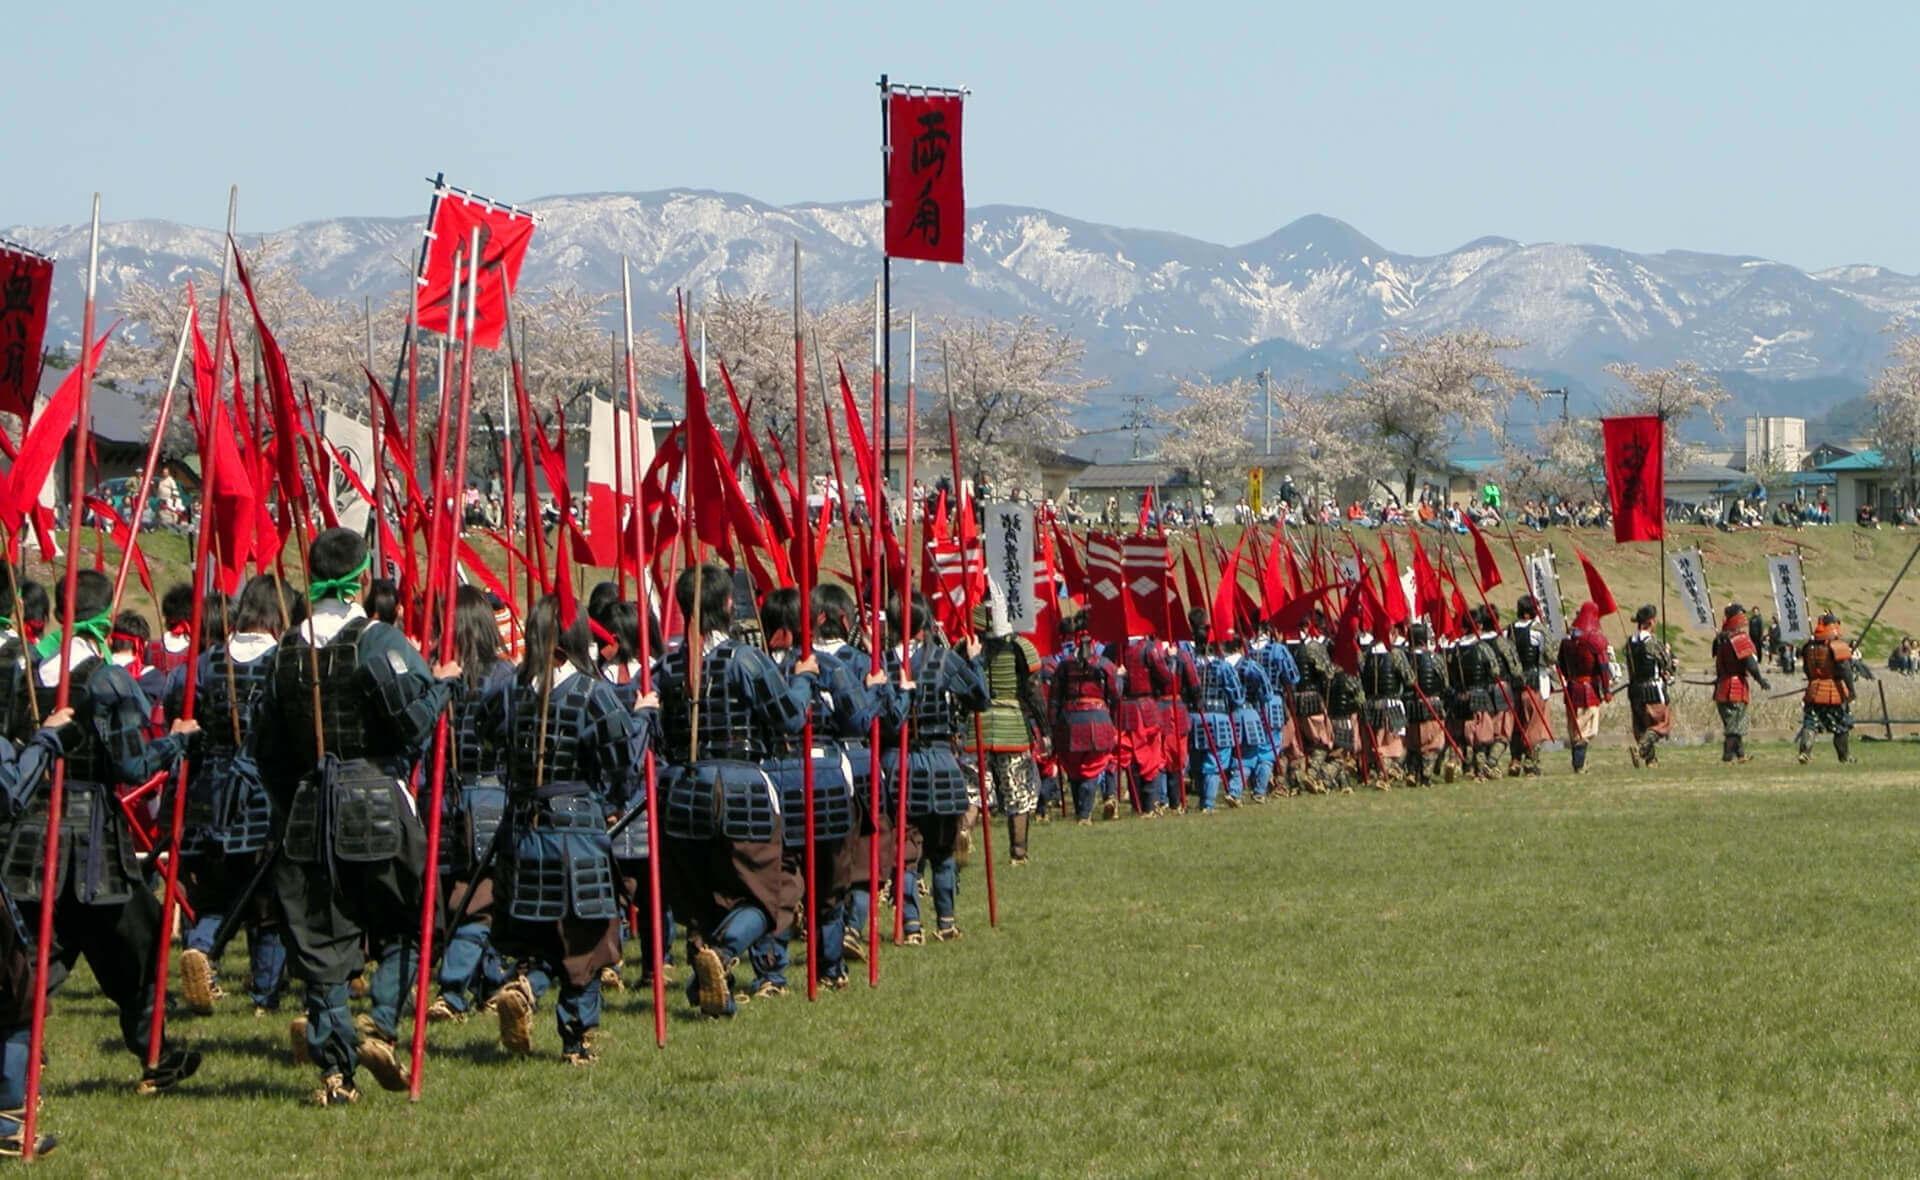 Традиционная средневековая японская армия (клан такэды)реконструкция на фестивале Йонезава